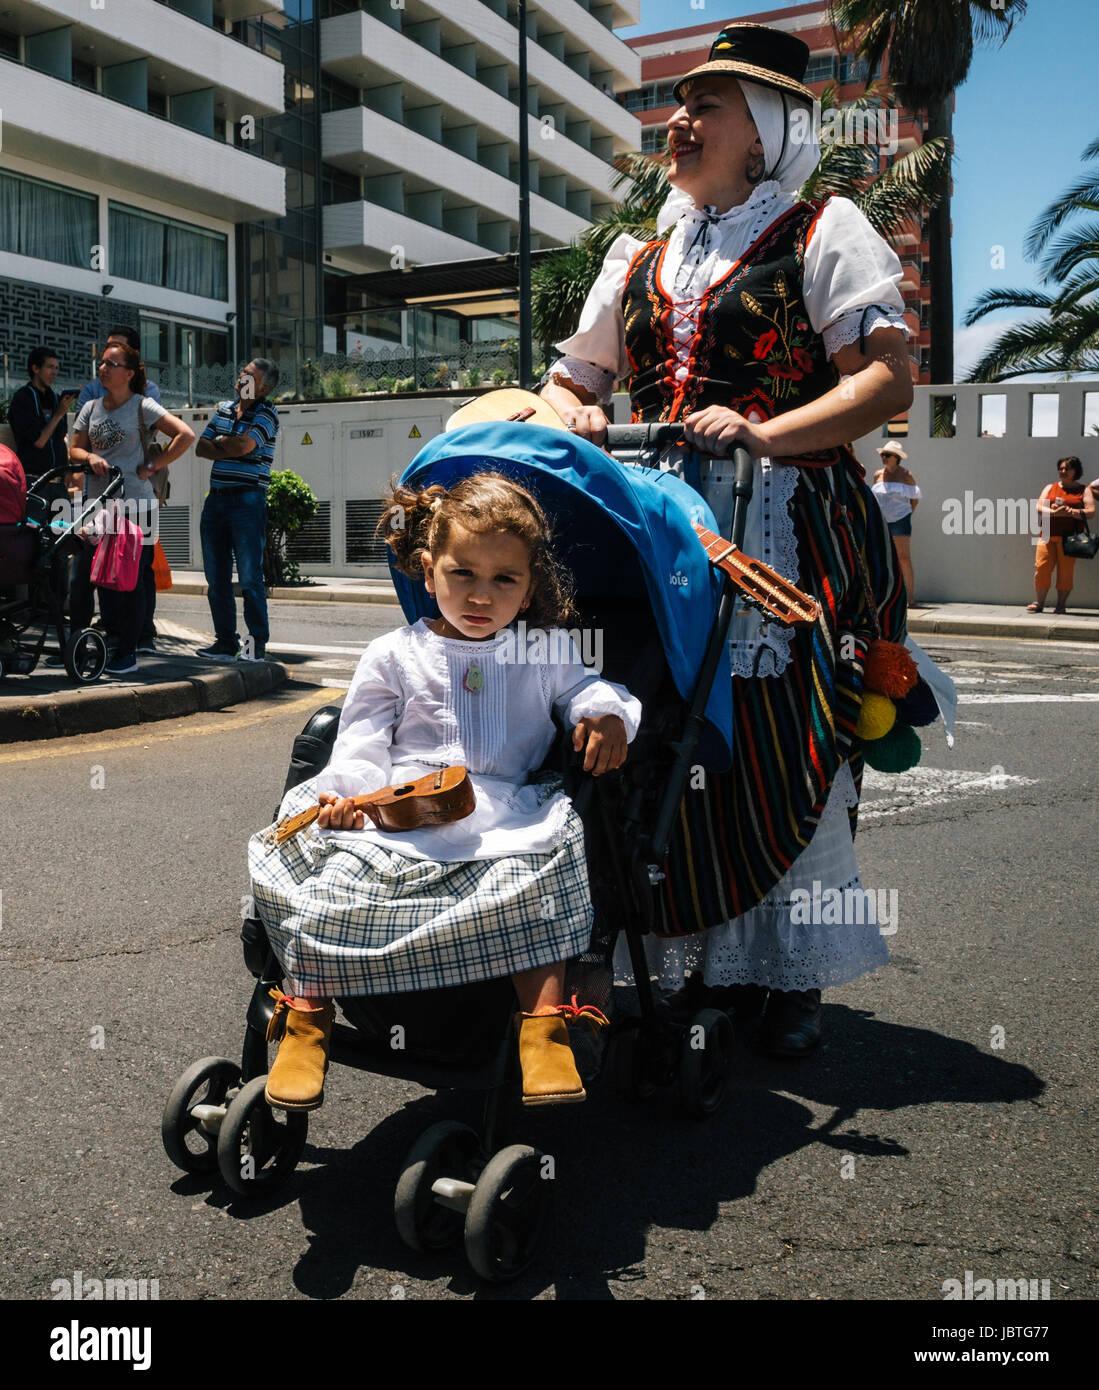 Puerto De La Cruz, Teneriffa, Kanarische Inseln - 30. Mai 2017: ein kleines Mädchen in Tracht gekleidet im Kinderwagen Stockfoto